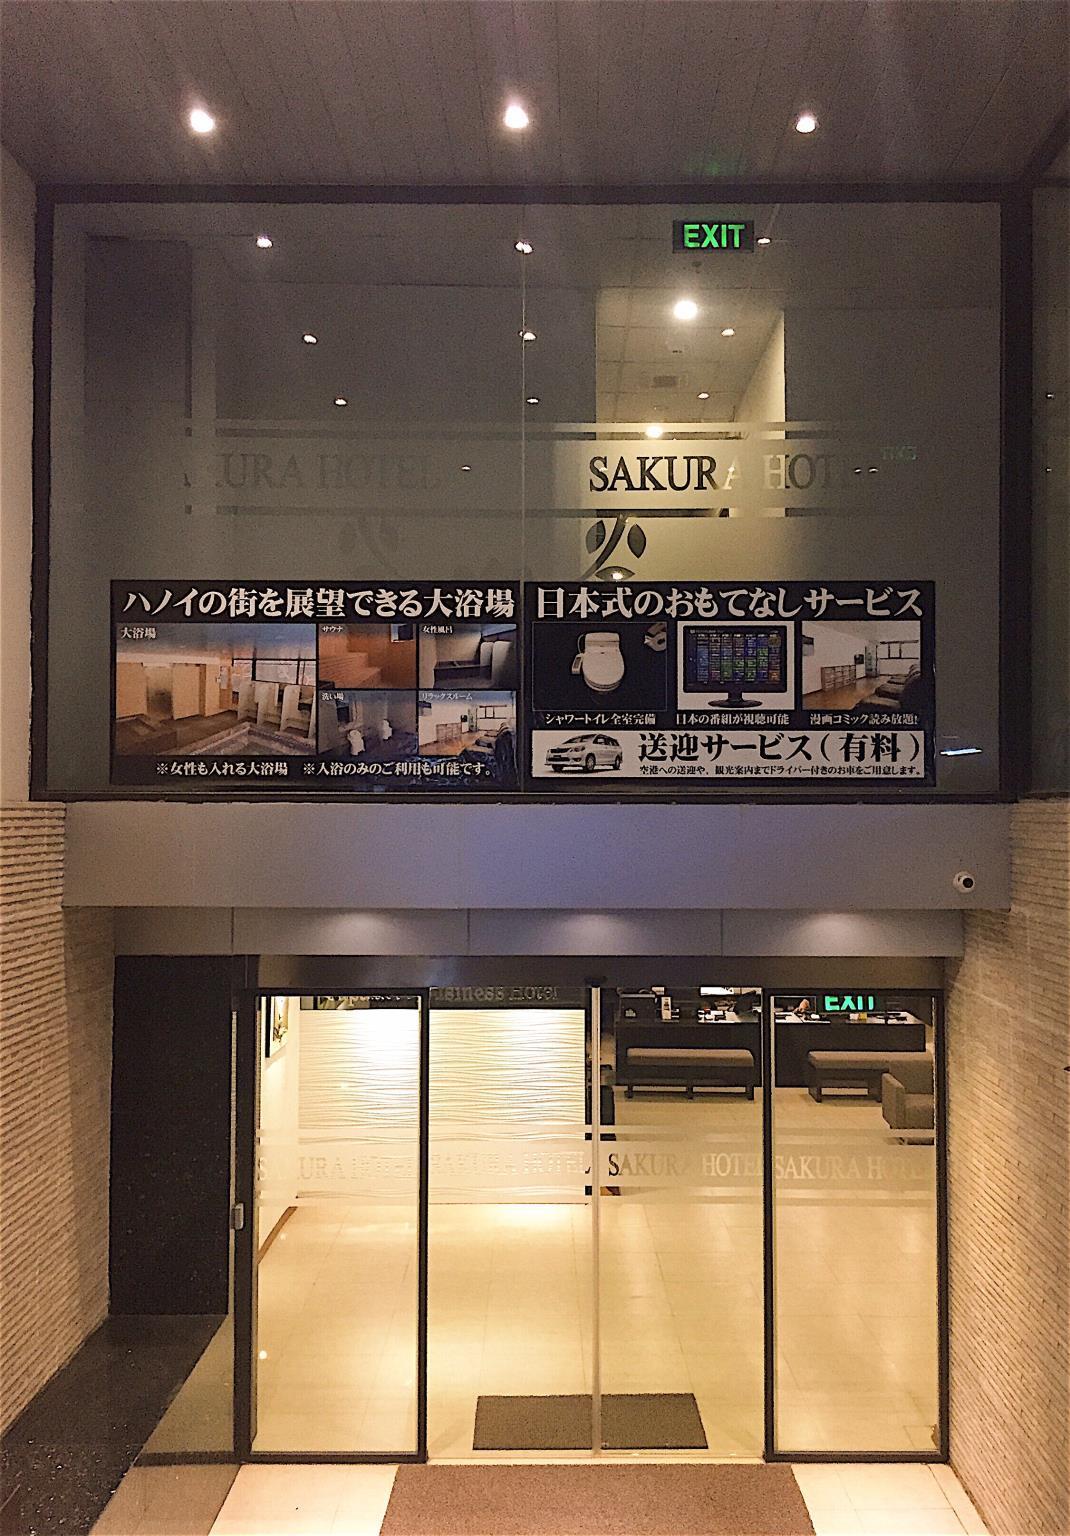 SAKURA HOTEL 3